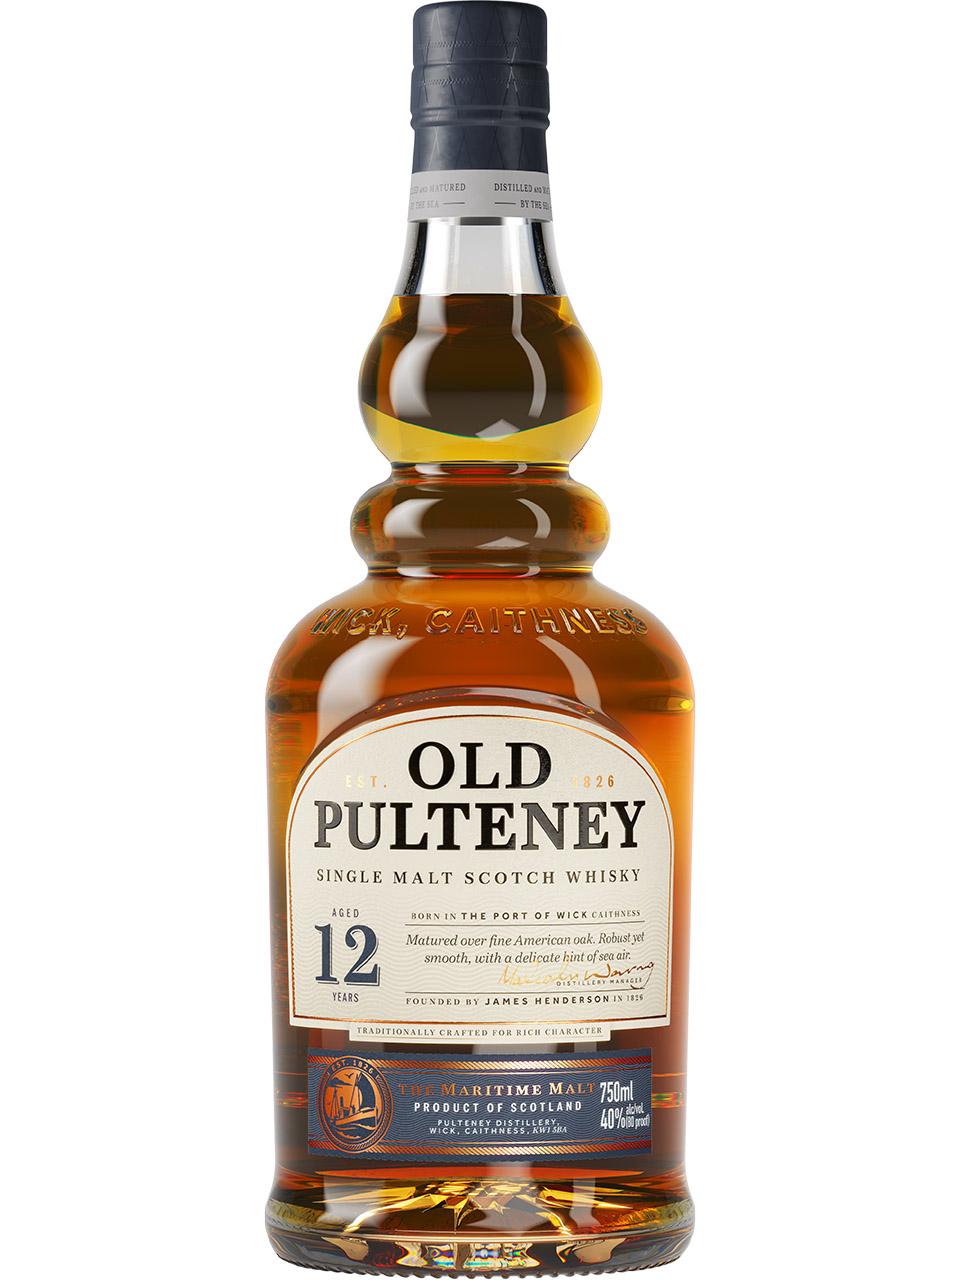 Old Pulteney 12YO Single Malt Scotch Whisky